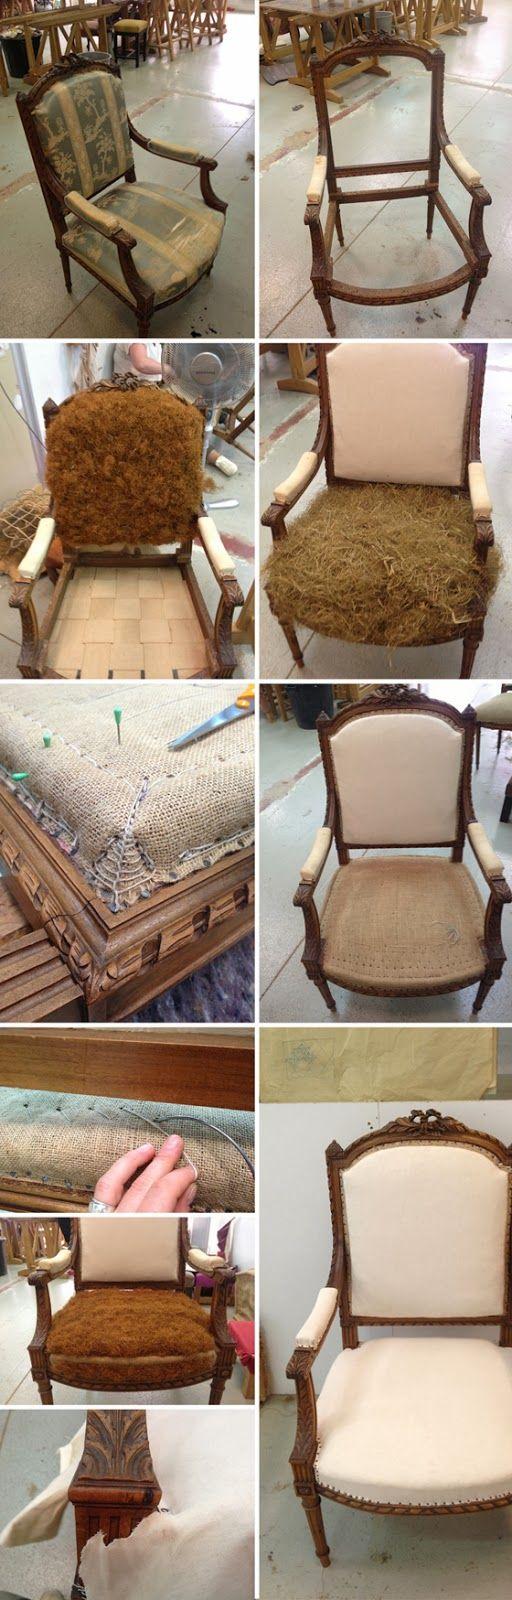 les 25 meilleures id es de la cat gorie rembourrage sur pinterest chaises rembourr es diy. Black Bedroom Furniture Sets. Home Design Ideas